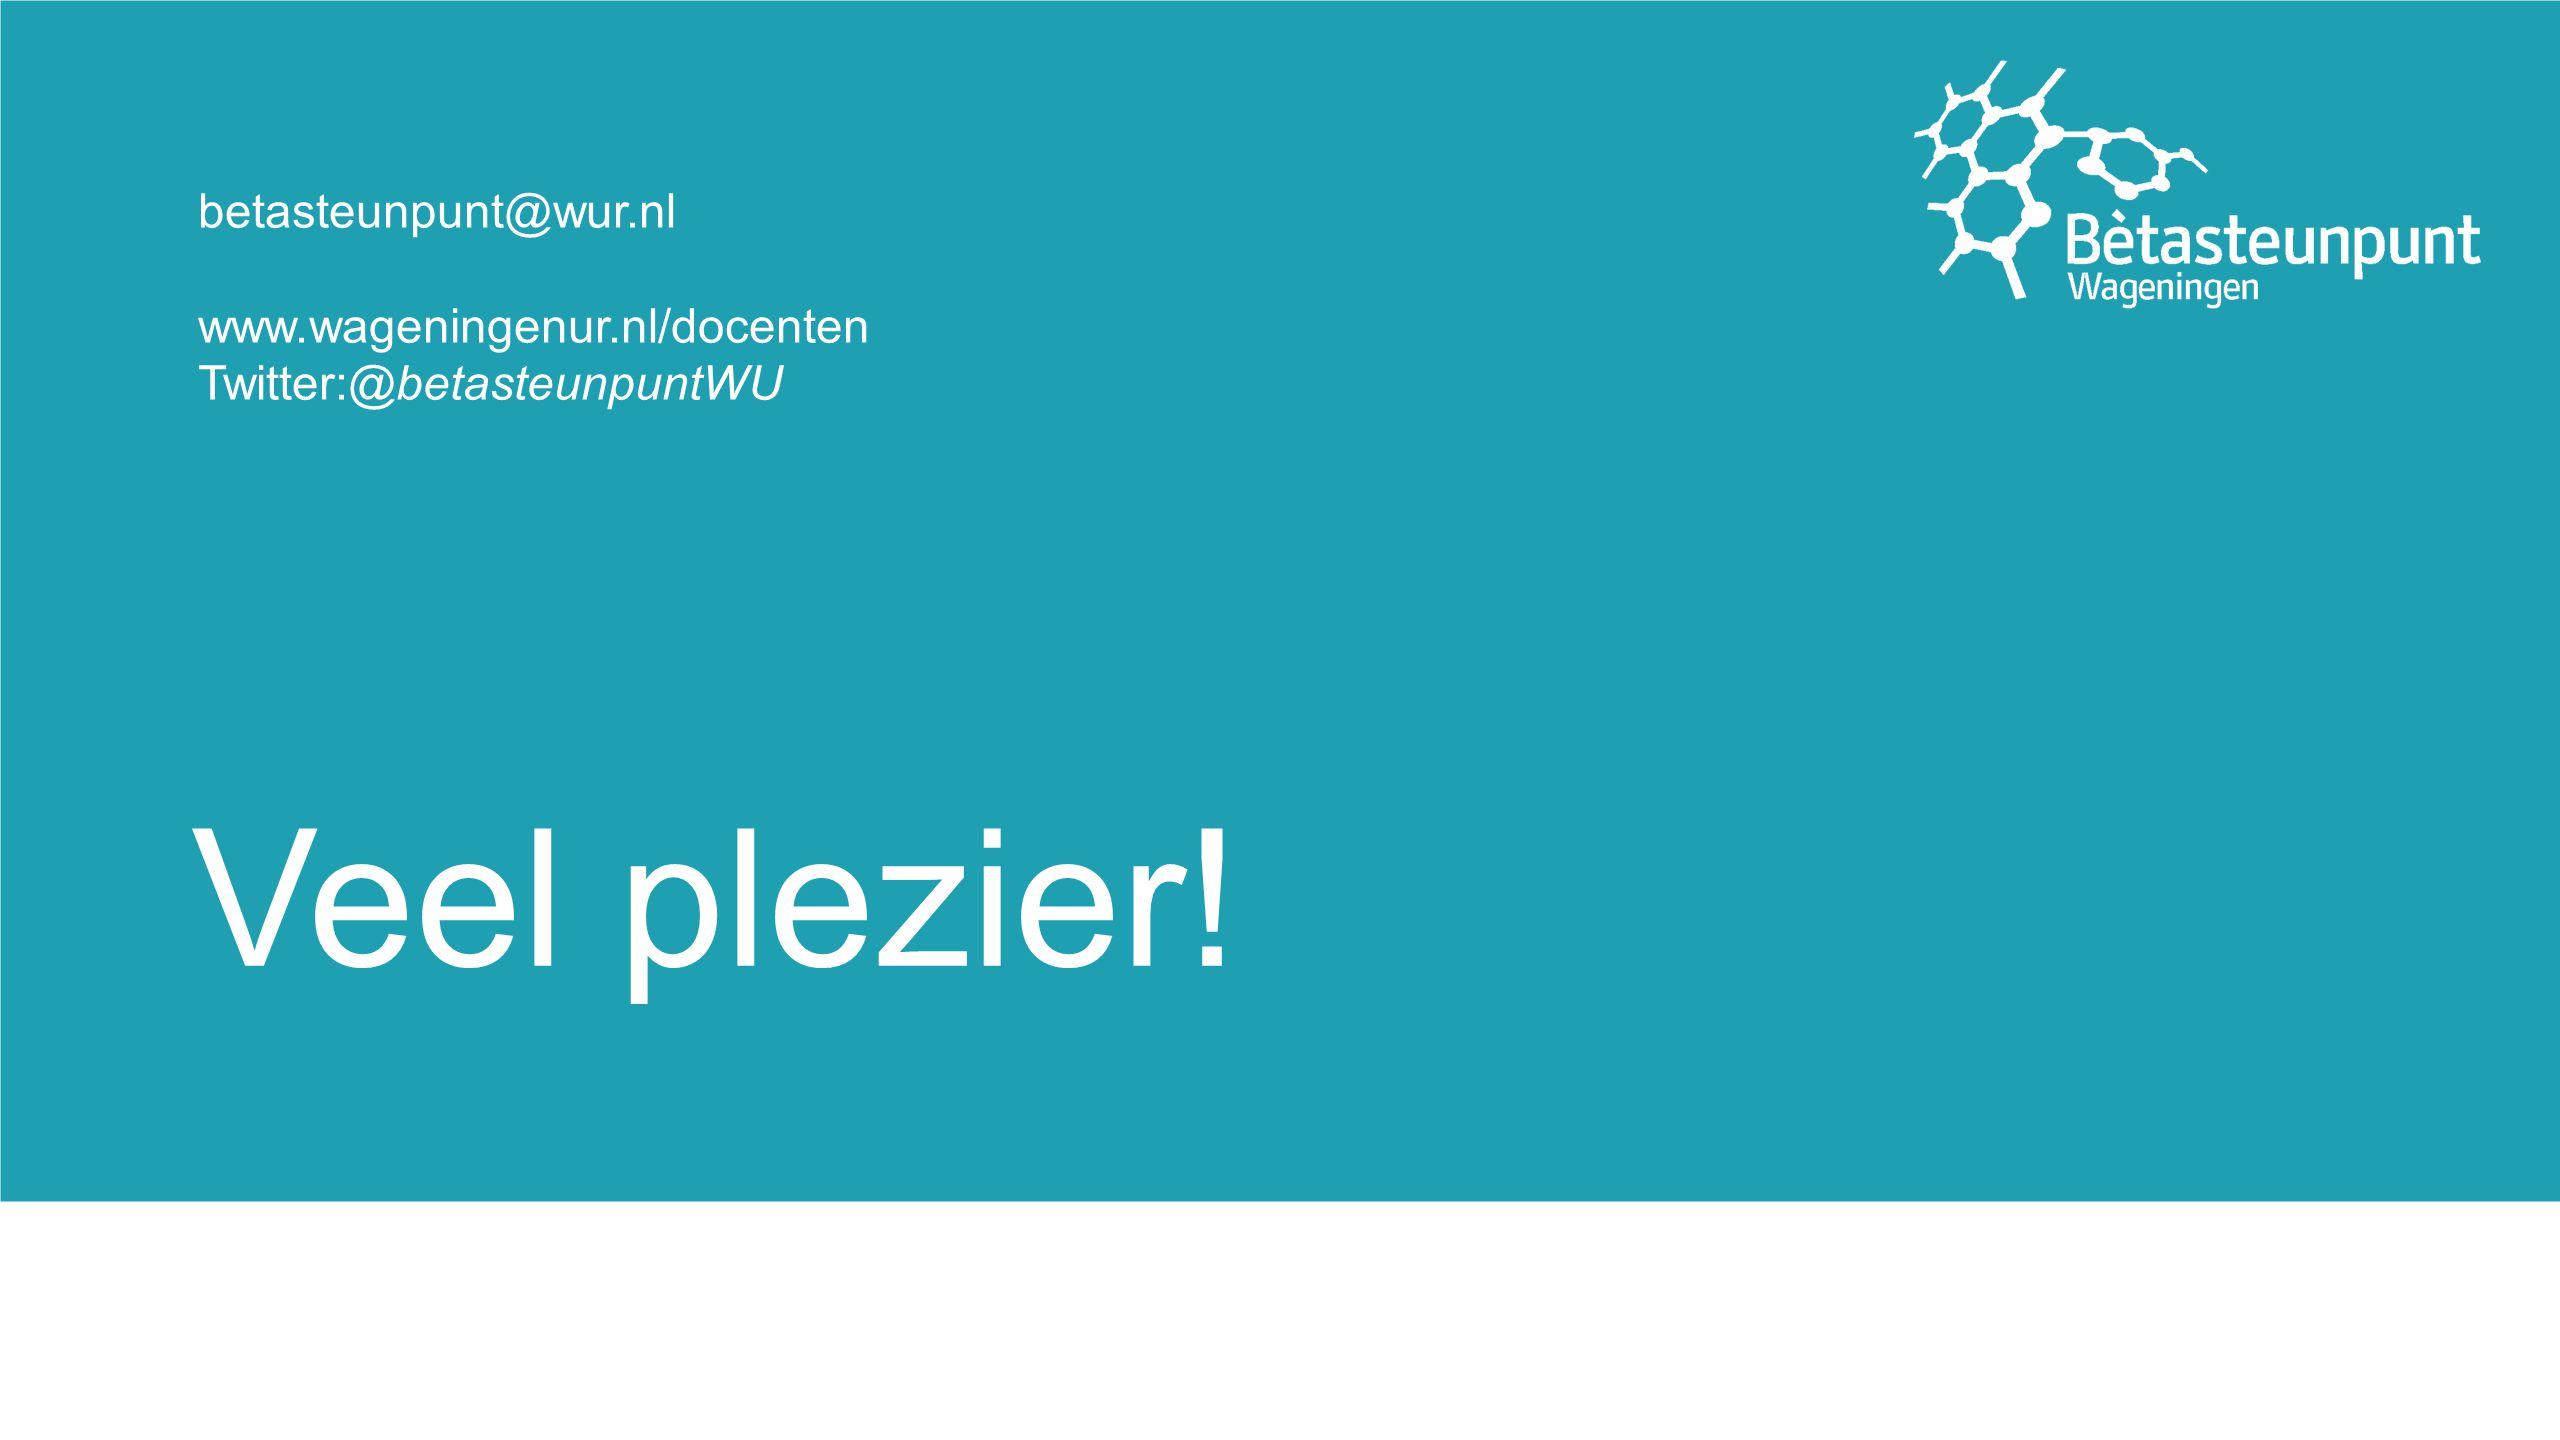 Veel plezier! betasteunpunt@wur.nl www.wageningenur.nl/docenten Twitter:@betasteunpuntWU